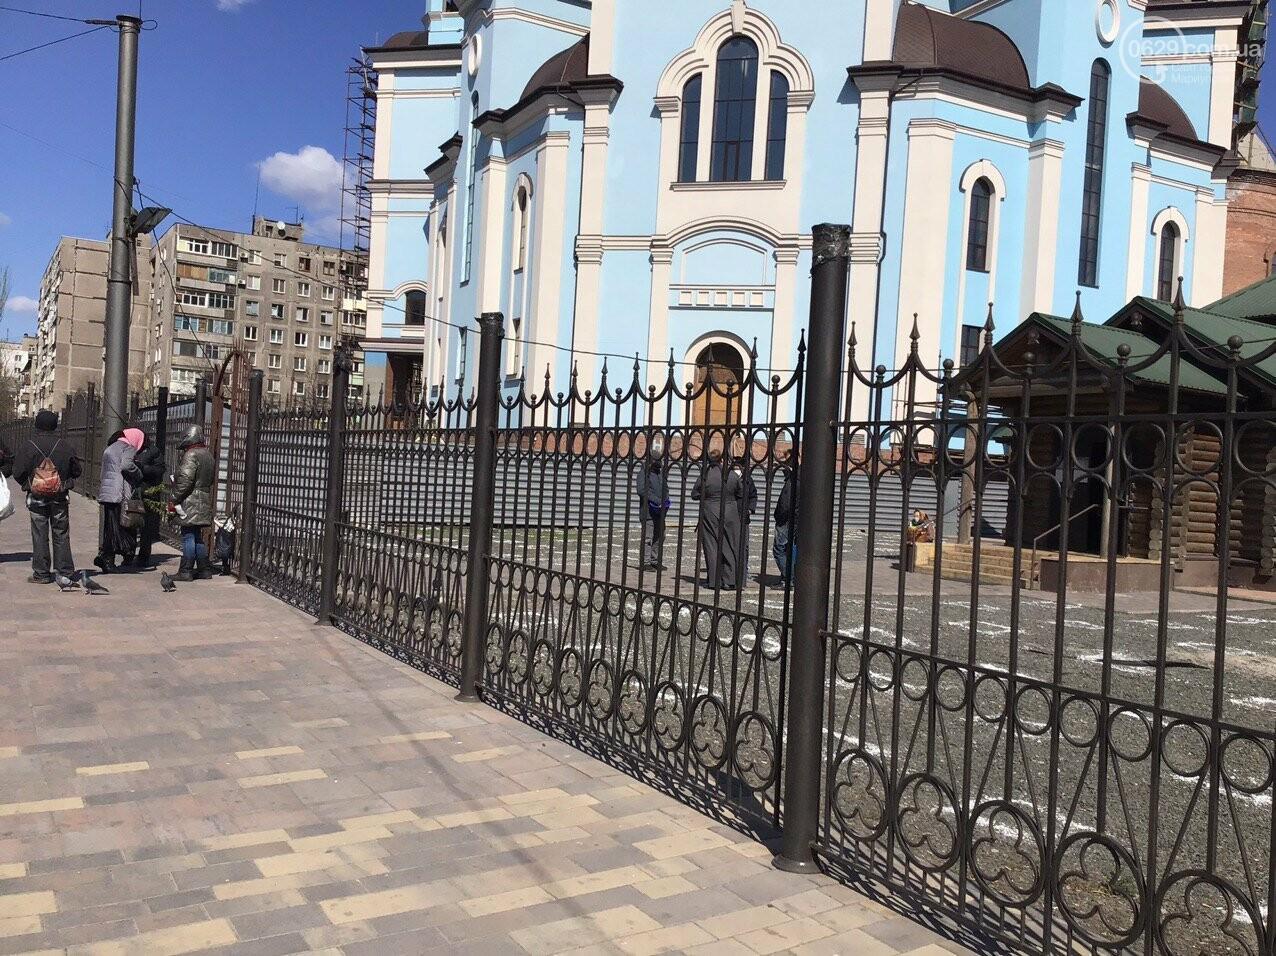 Вербное воскресенье в Мариуполе: как в храмах соблюдают карантин, - ФОТО, ВИДЕО, фото-10